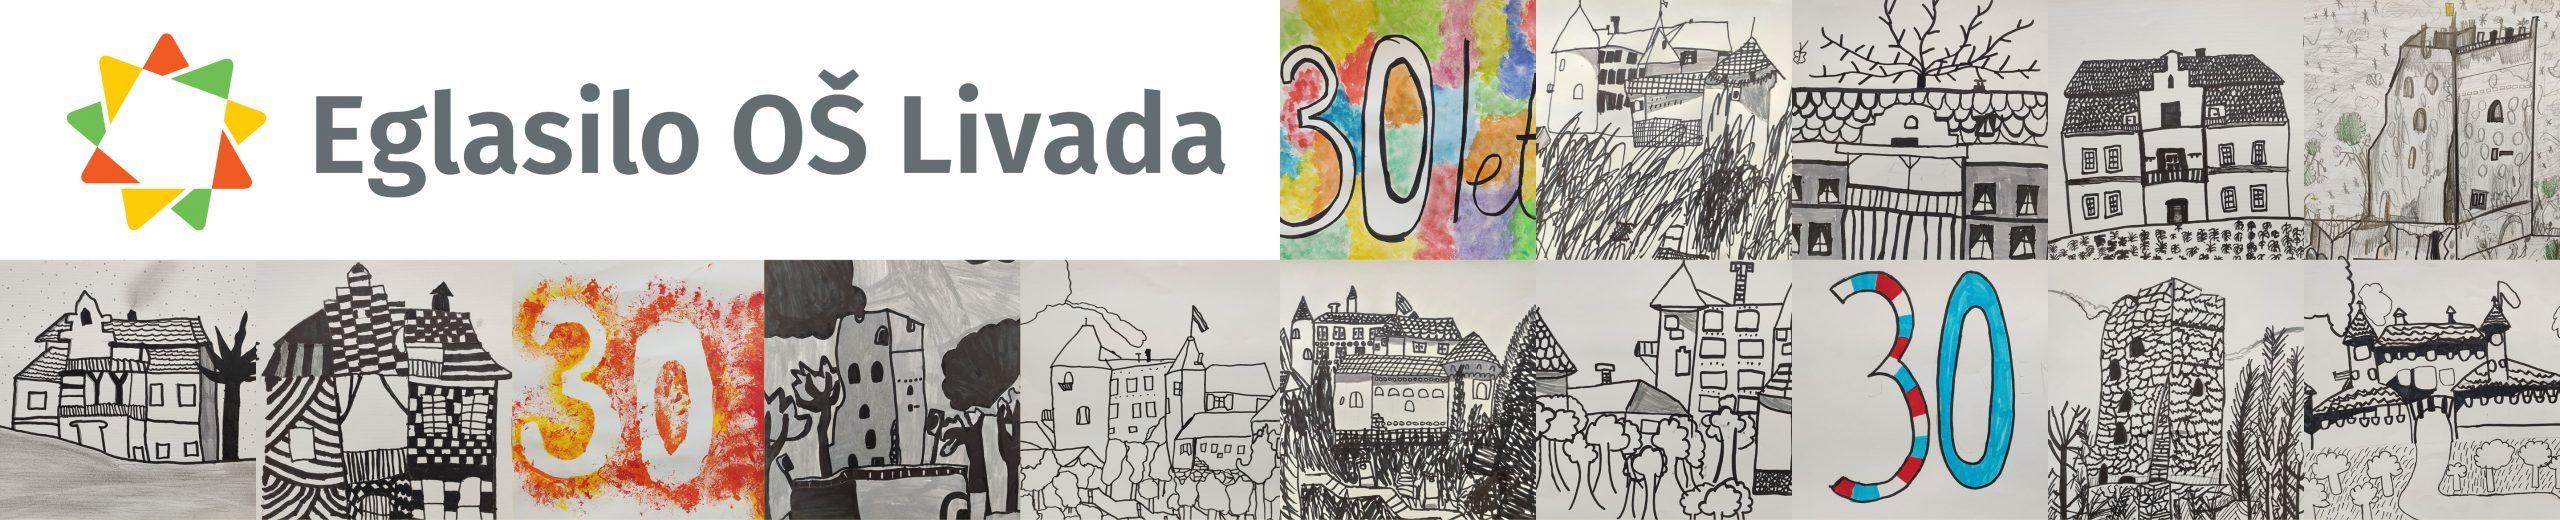 E-glasilo OŠ Livada - 30 ... Slovenija